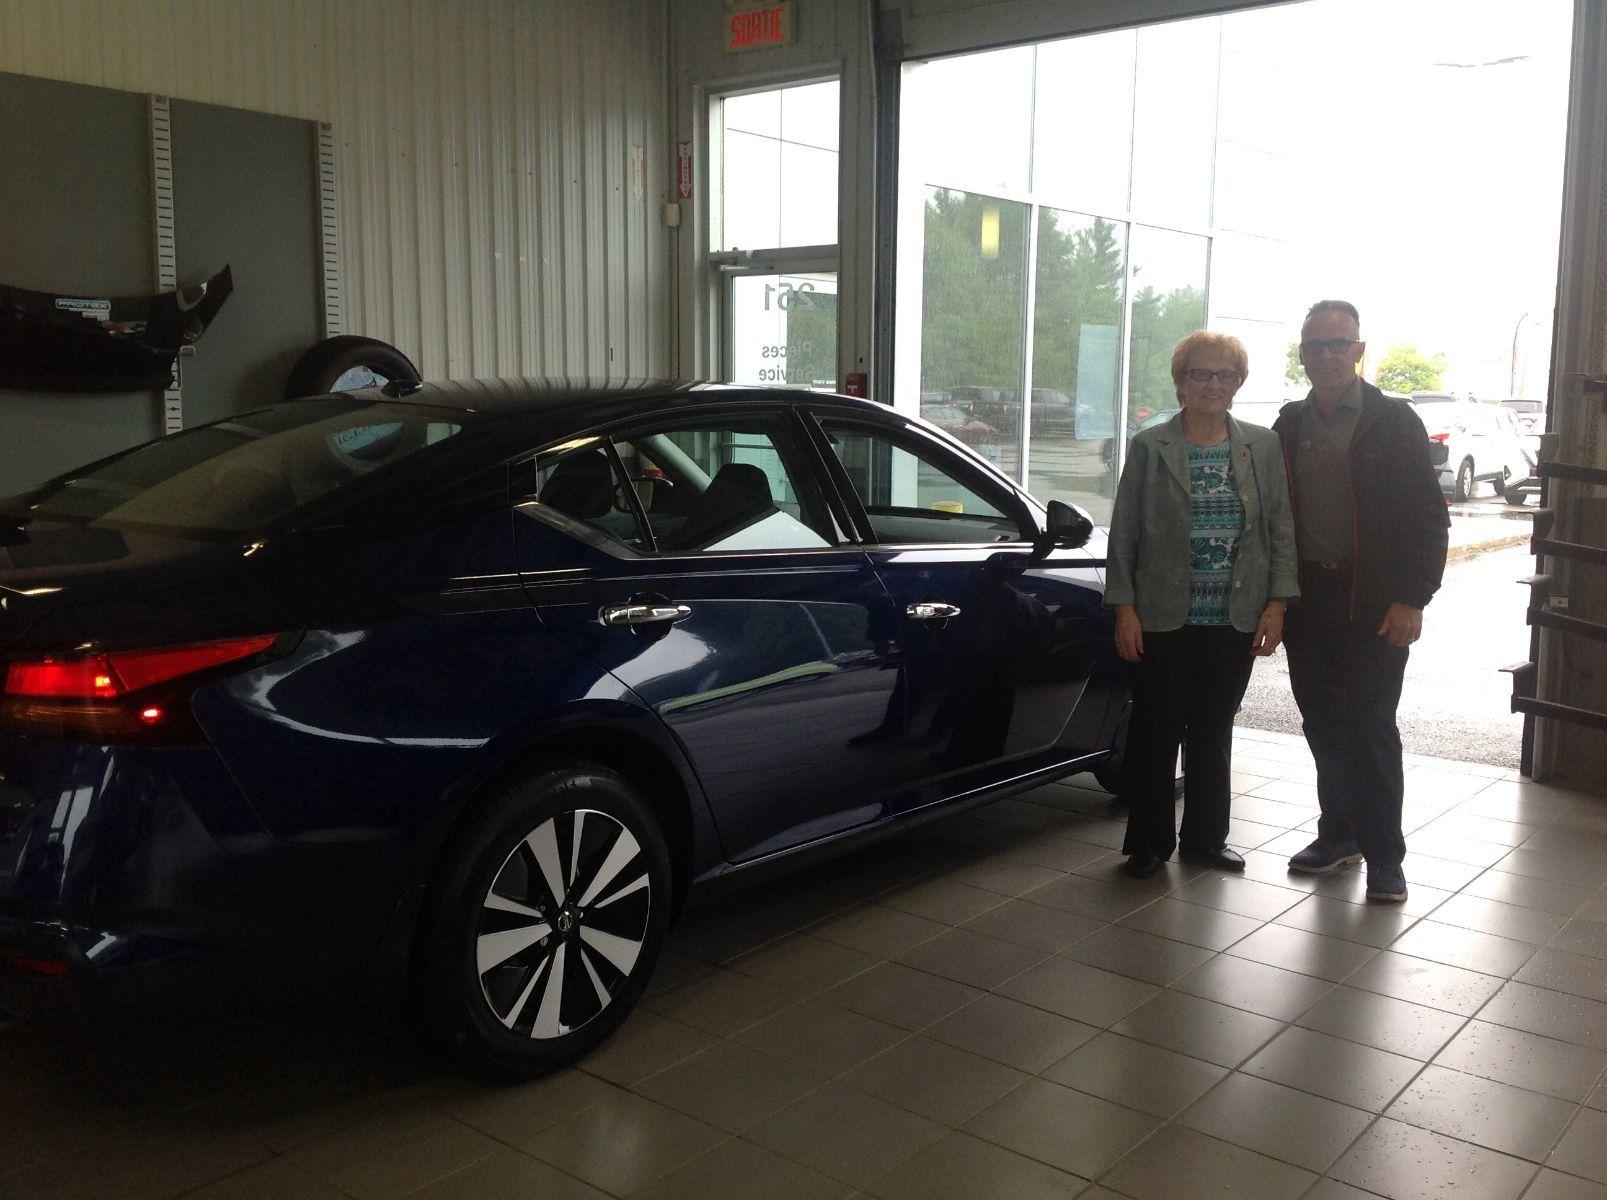 Félicitation à Mme Blanche Bissonnette de Brownsburg Chatham pour l'acquisition de votre tout nouveau Nissan Altima 2019!